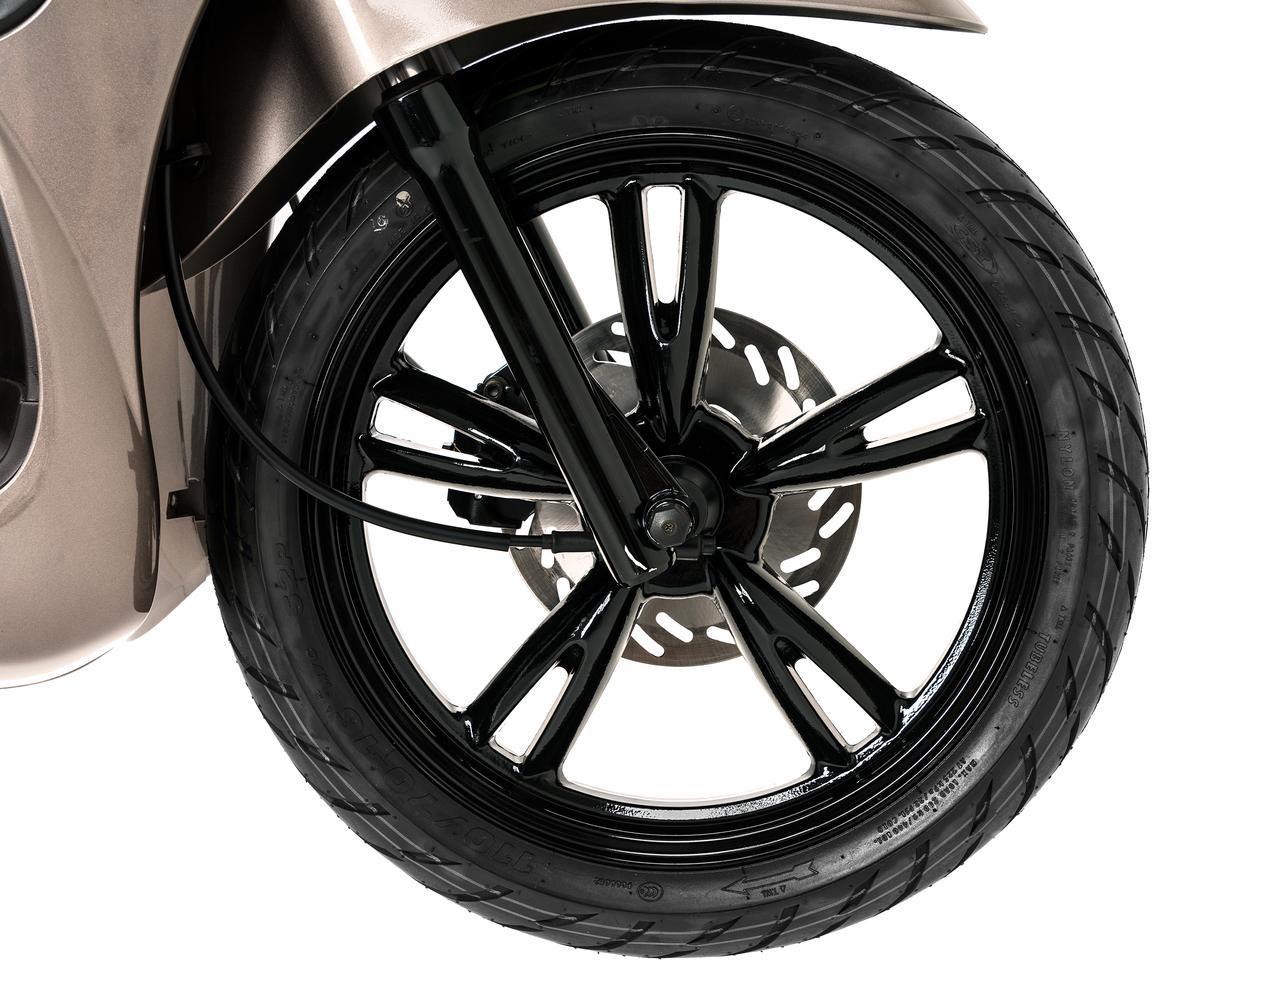 Images : 3番目の画像 - プジョー「ツイート 150 ABS スペシャルエディション」の細部を見る! - webオートバイ